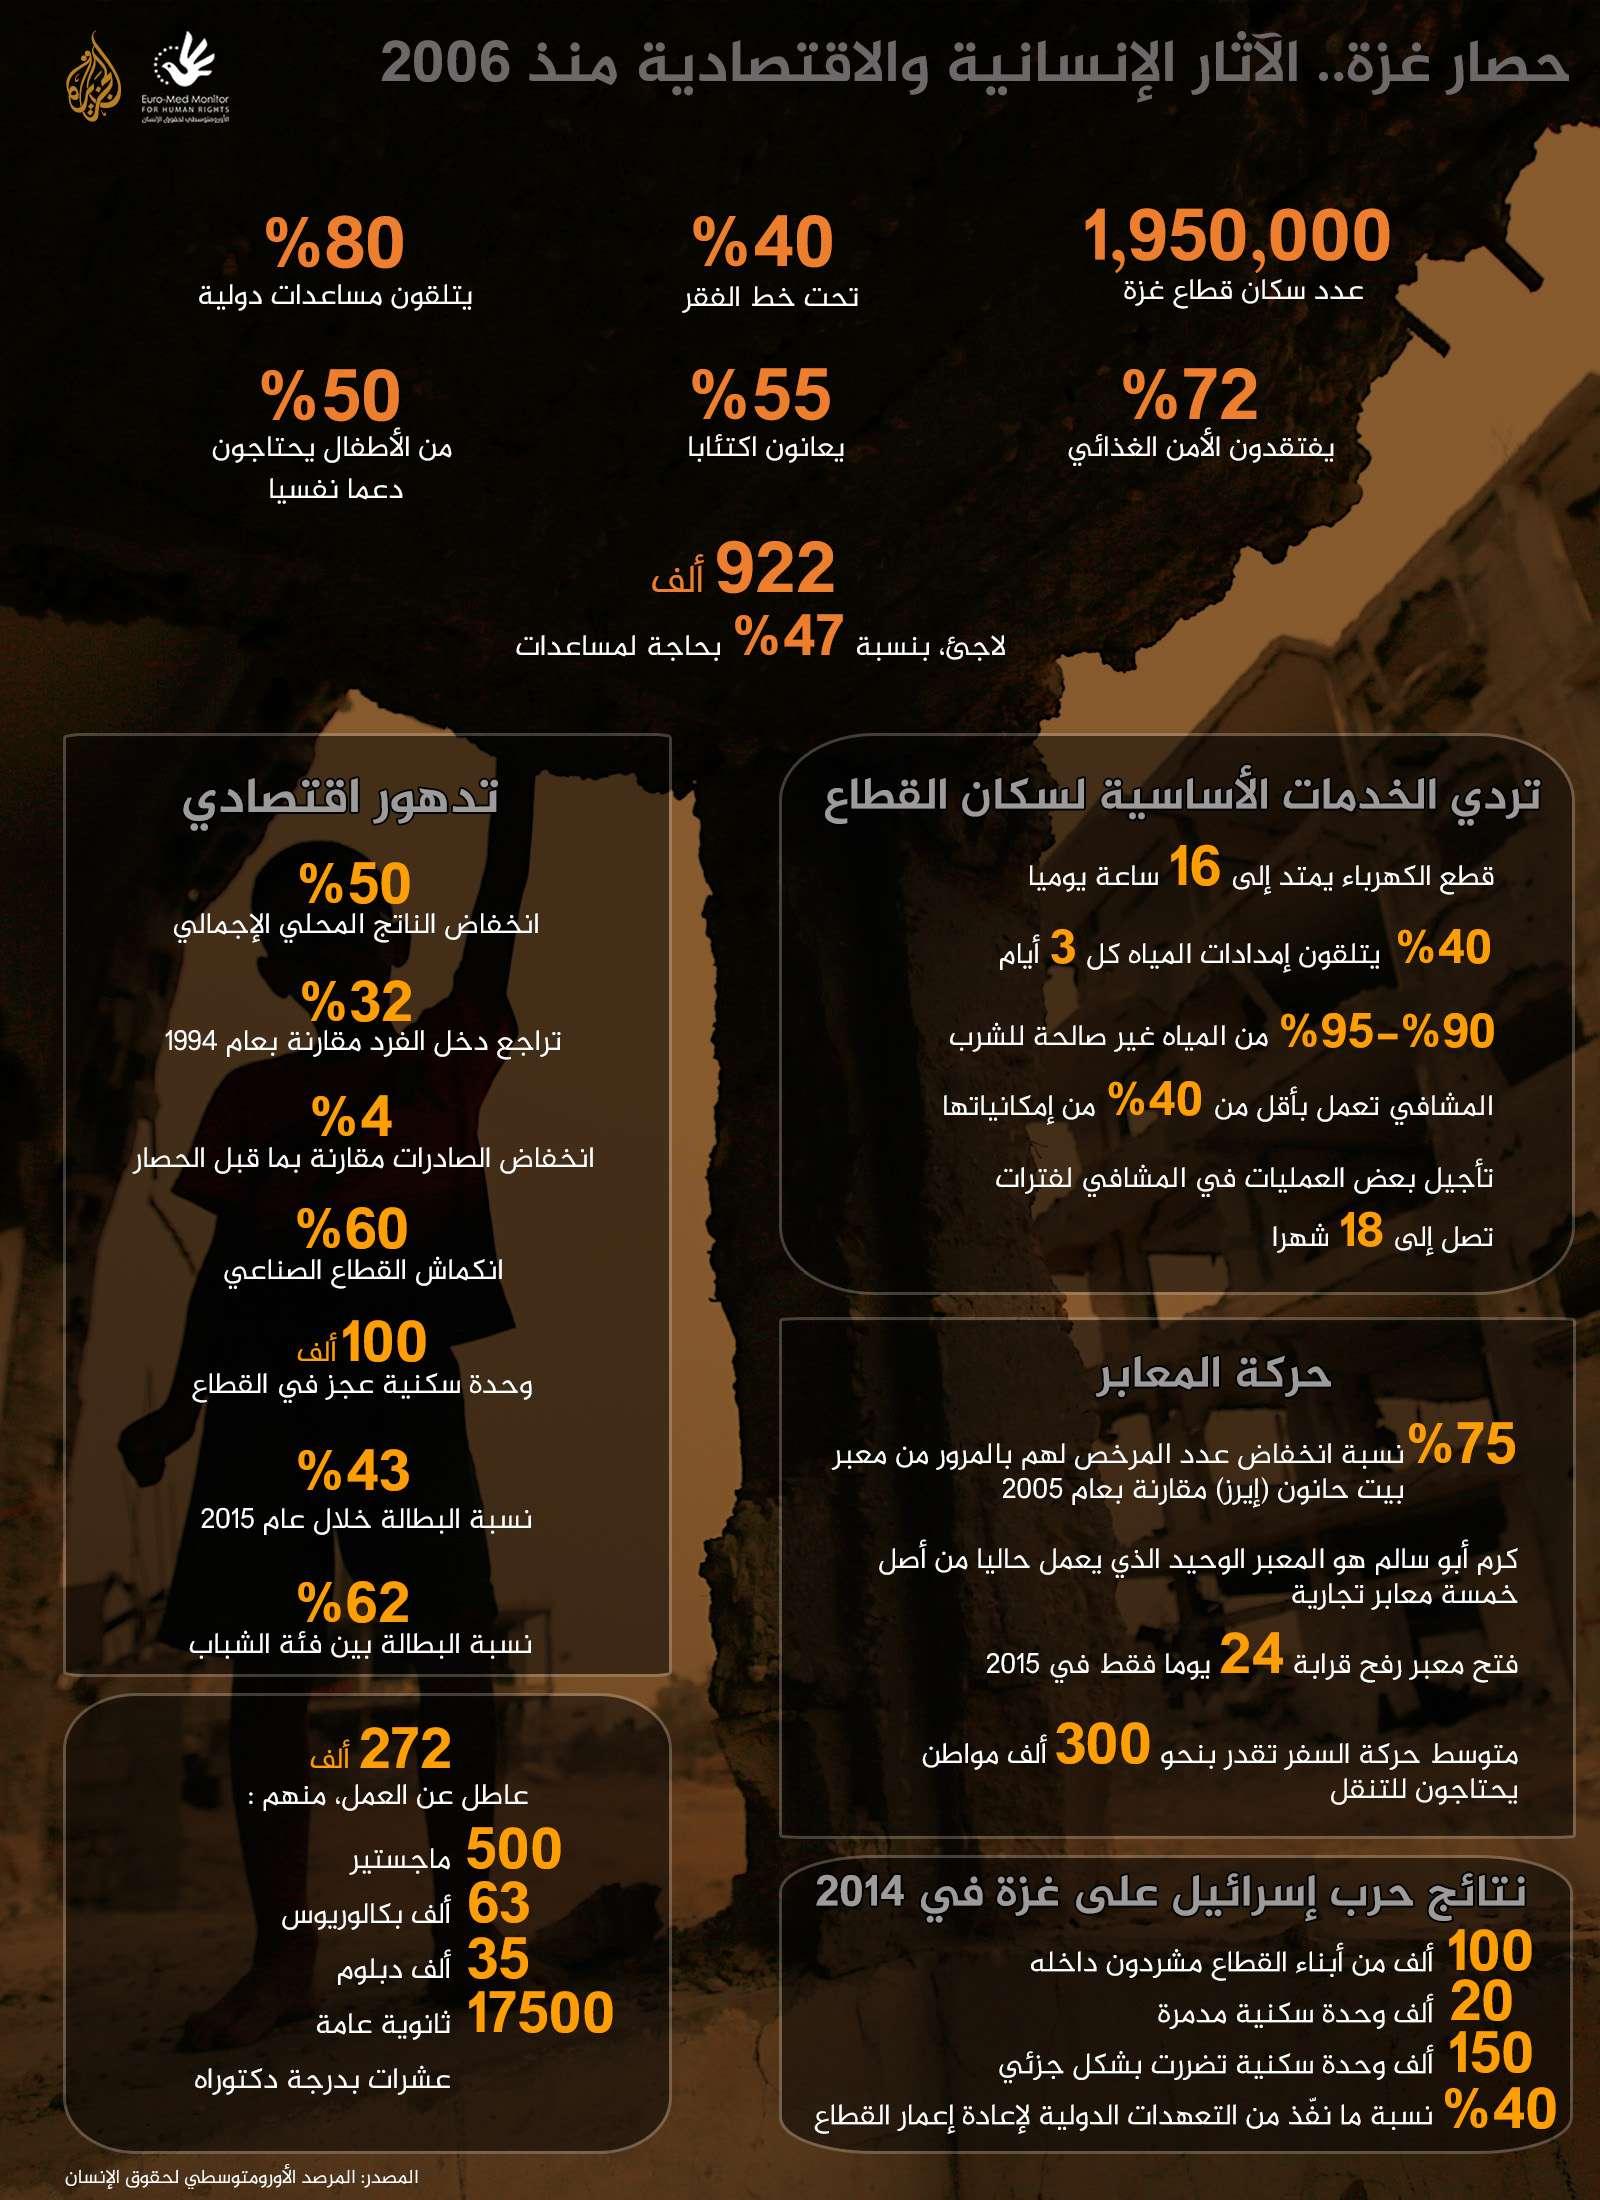 تداعيات عشرة أعوام من الحصار الإسرائيلي على قطاع غزة